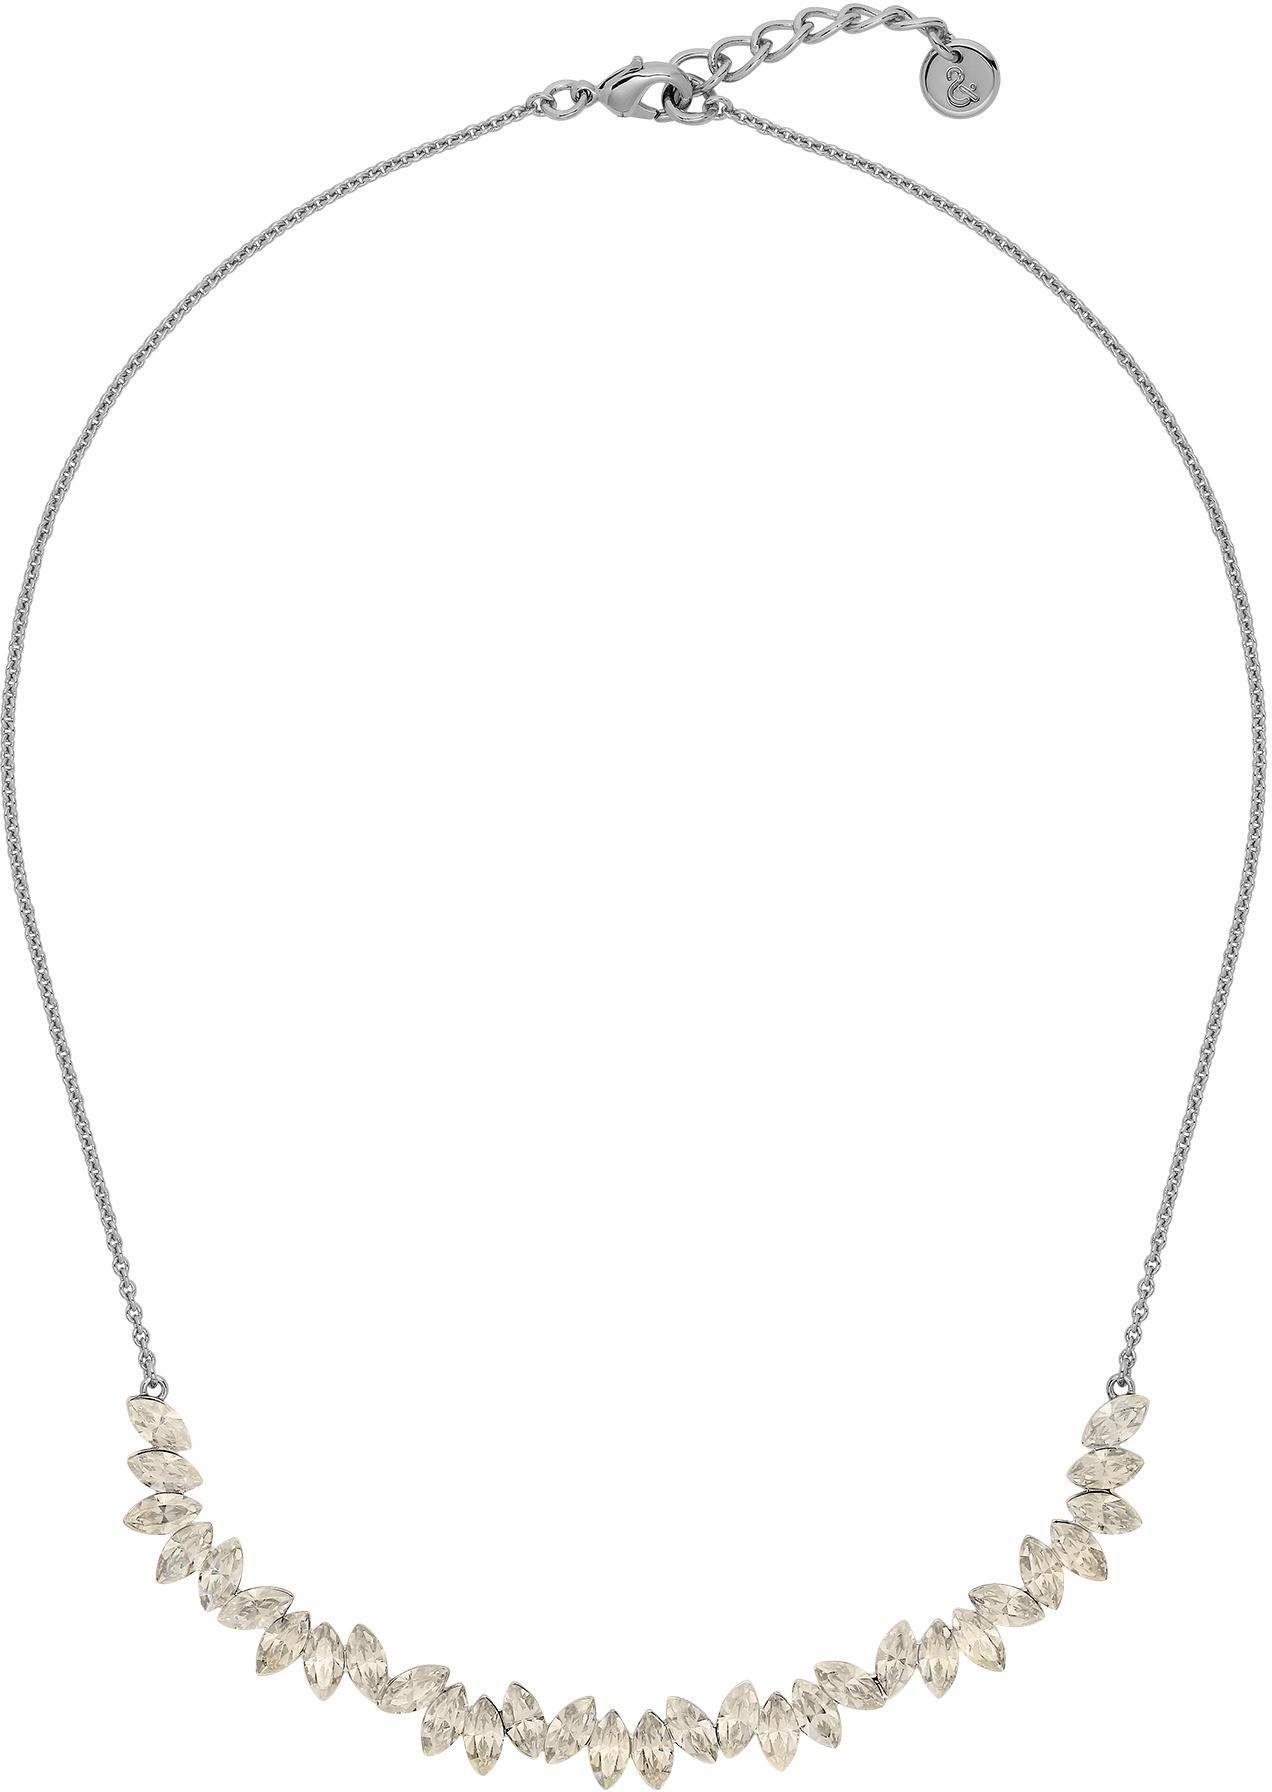 Lolaandgrace Collier »LEAF COLLIER, 5251741«, mit Swarovski® Kristallen